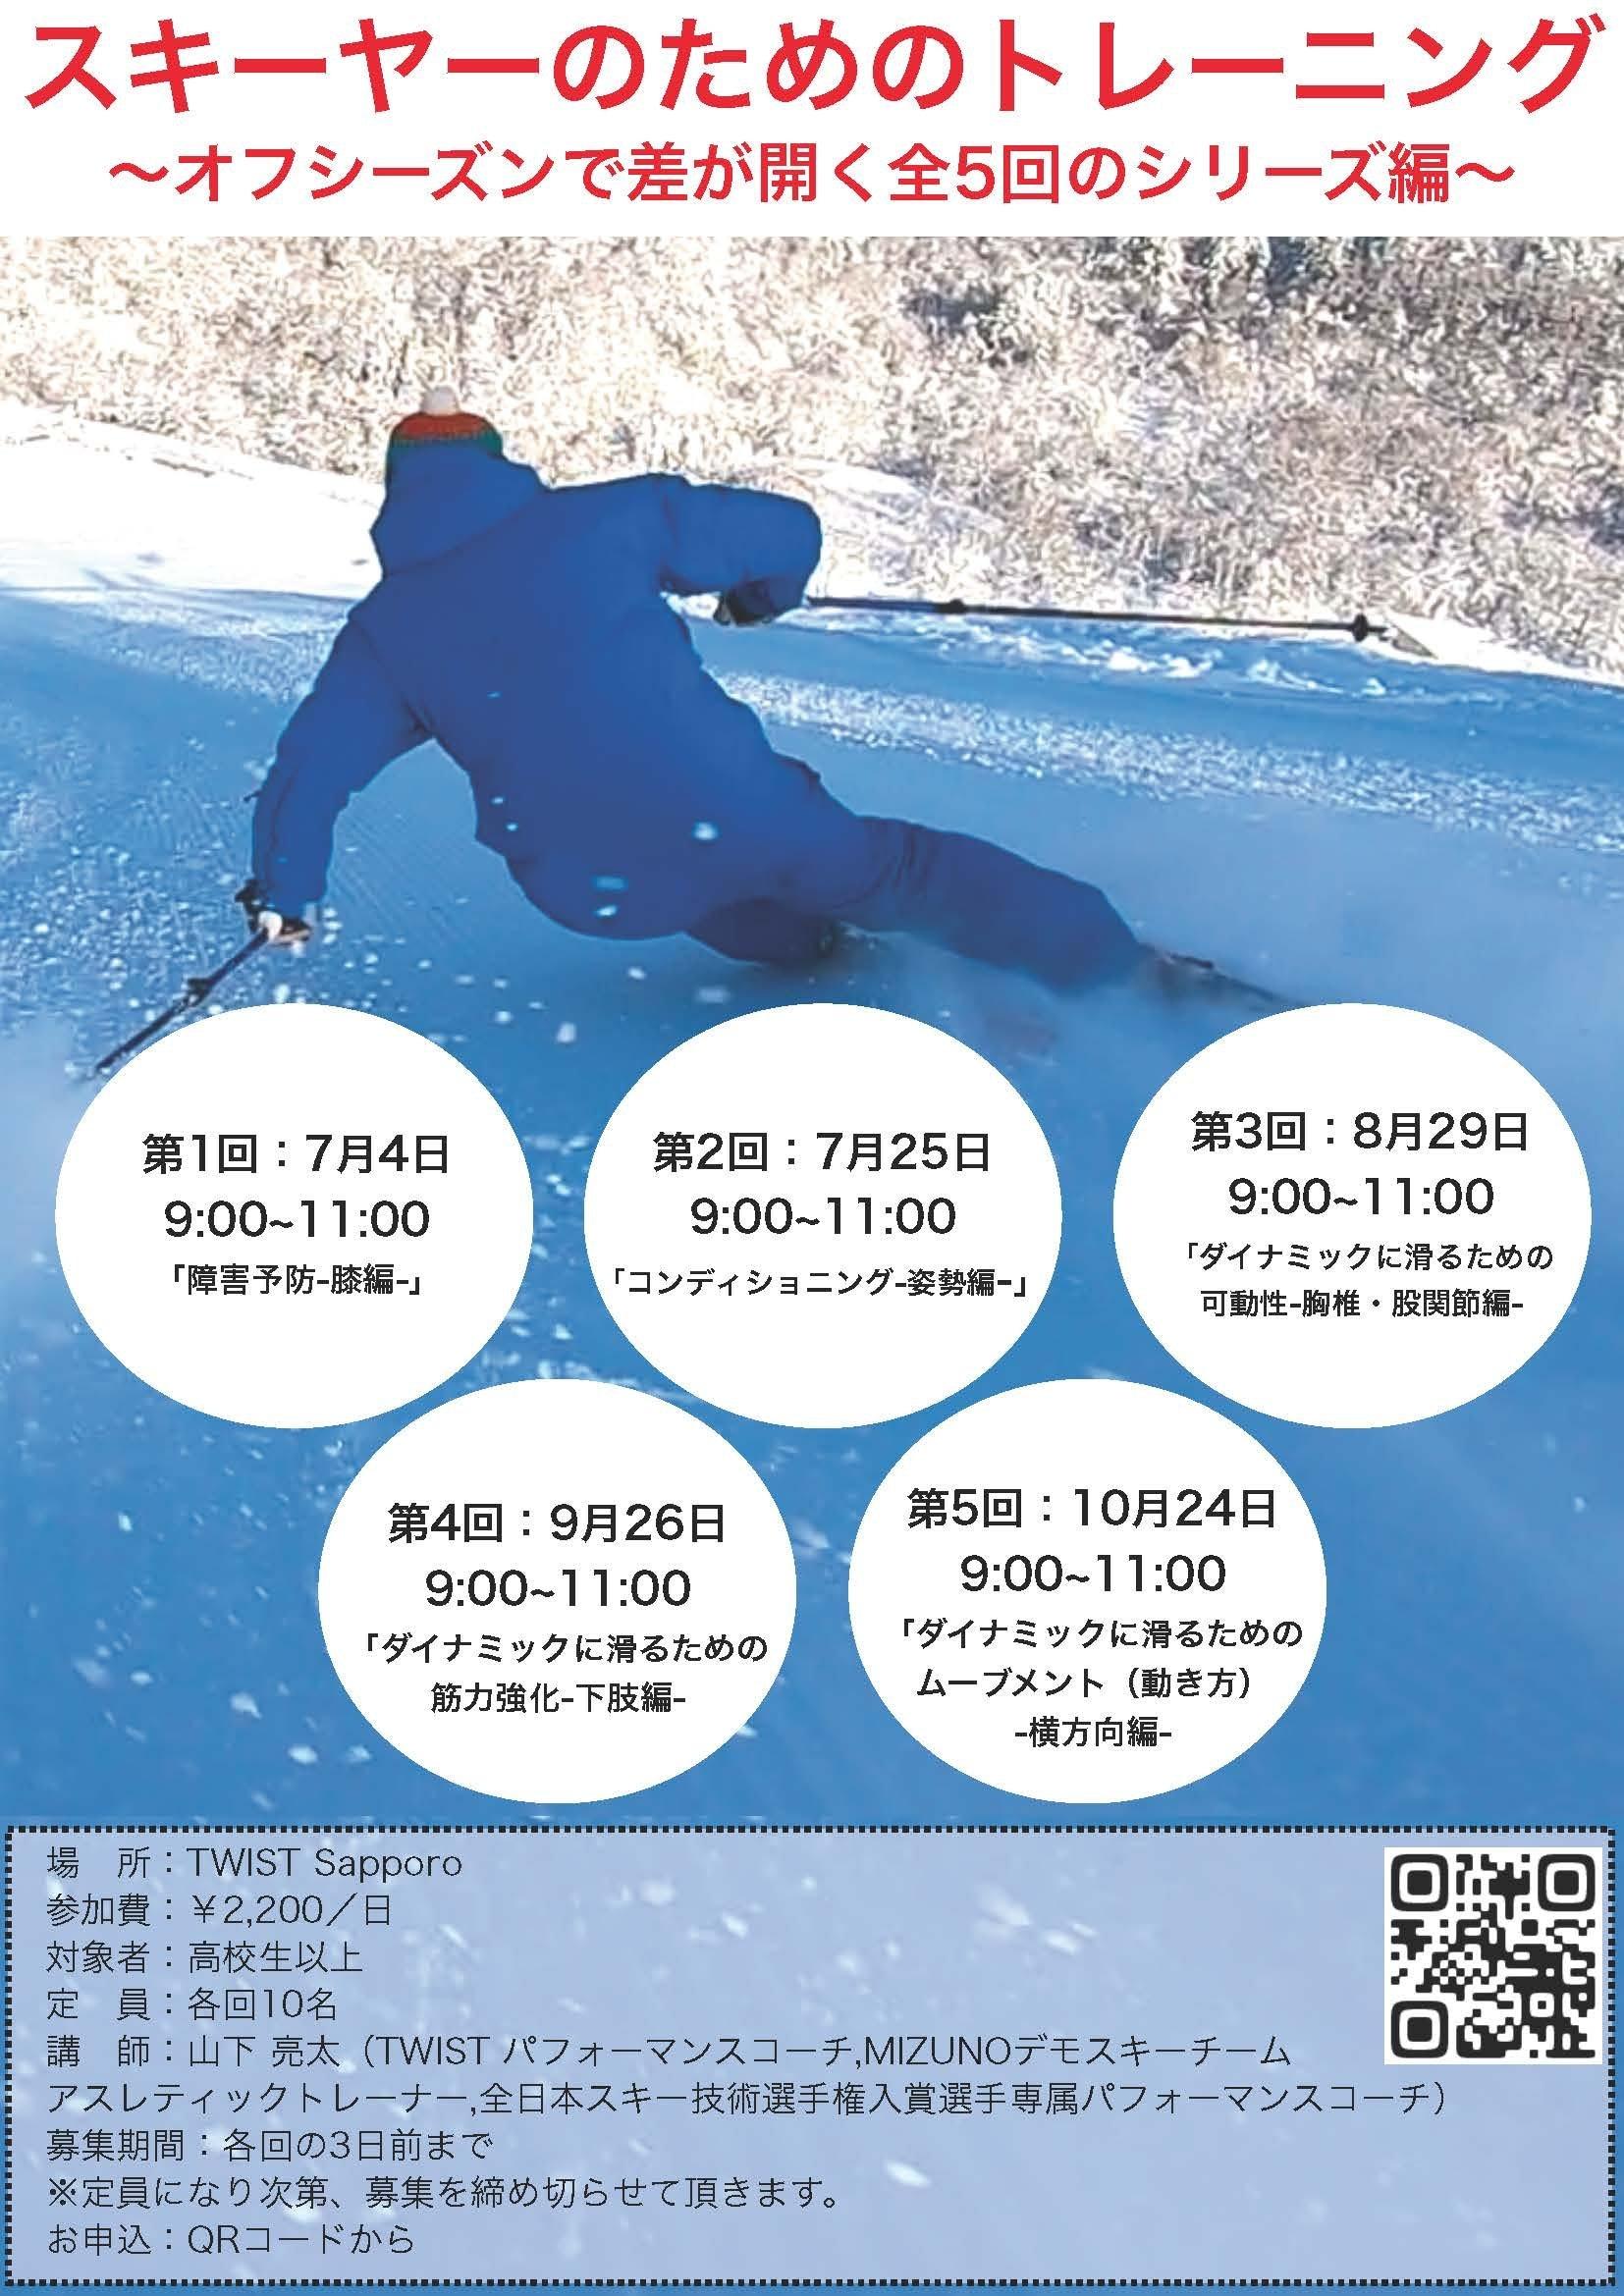 スキーヤーのためのトレーニング ~オフシーズンで差が開く全5回のシリーズ 第1回~のイメージその1